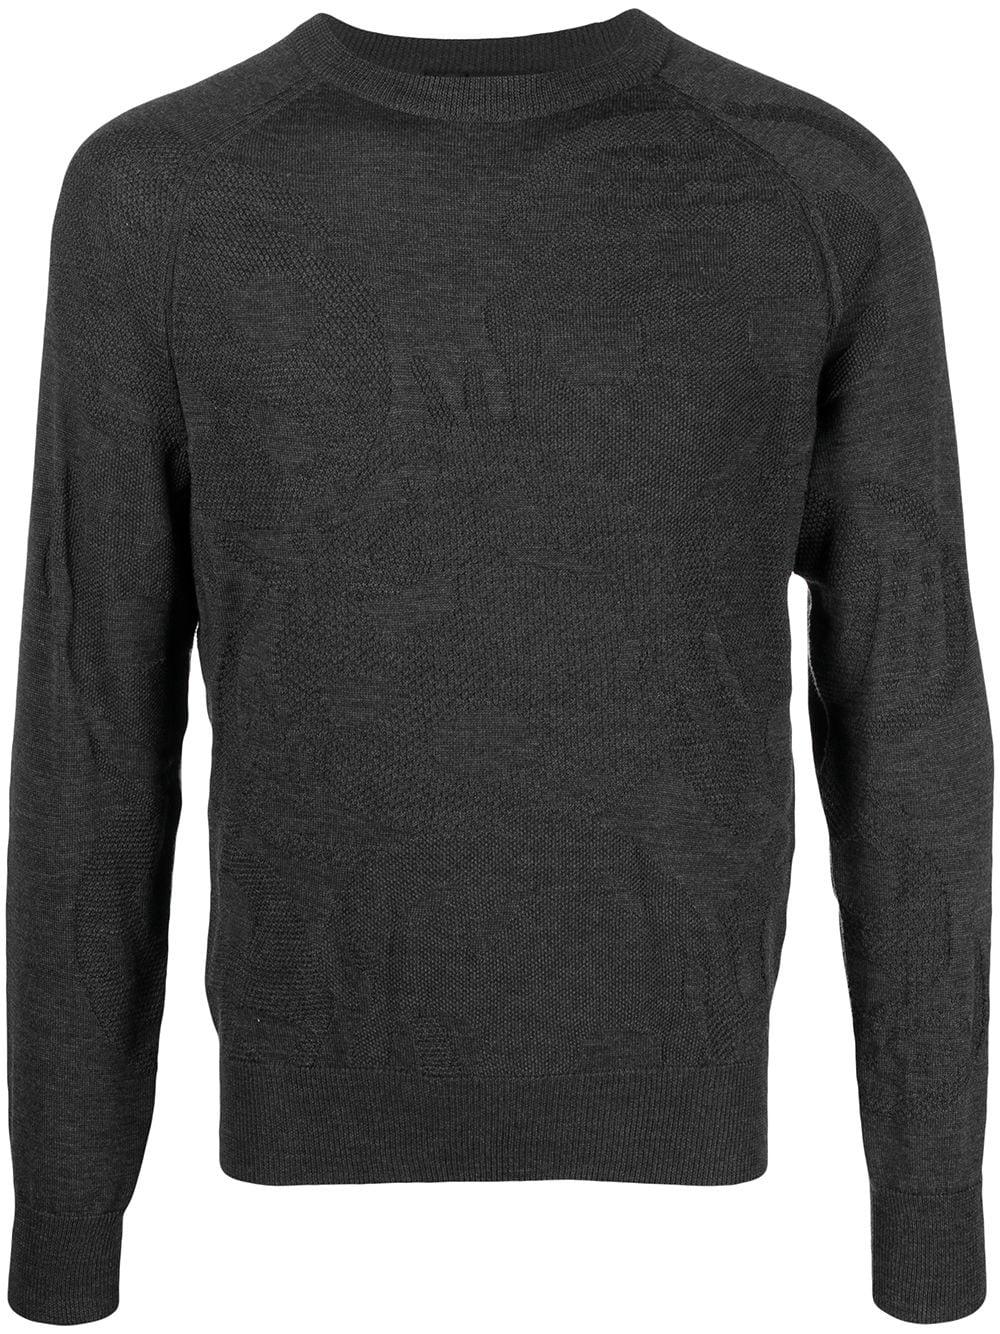 Alexander McQueen Sweatshirt mit grafischem Design - Grau